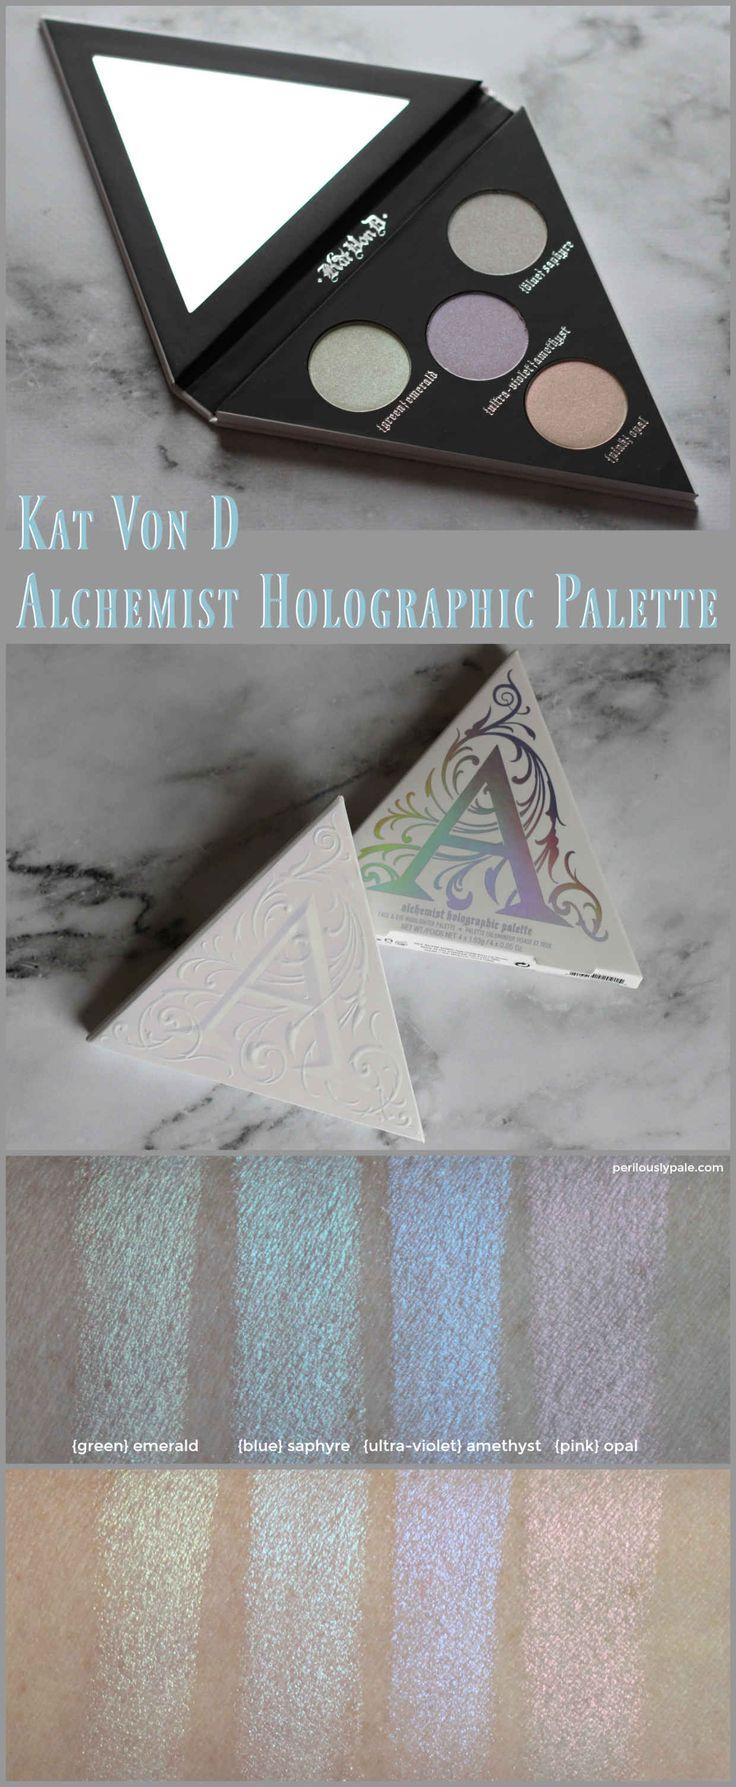 Kat Von D Alchemist Holographic Palette Review & Swatches...